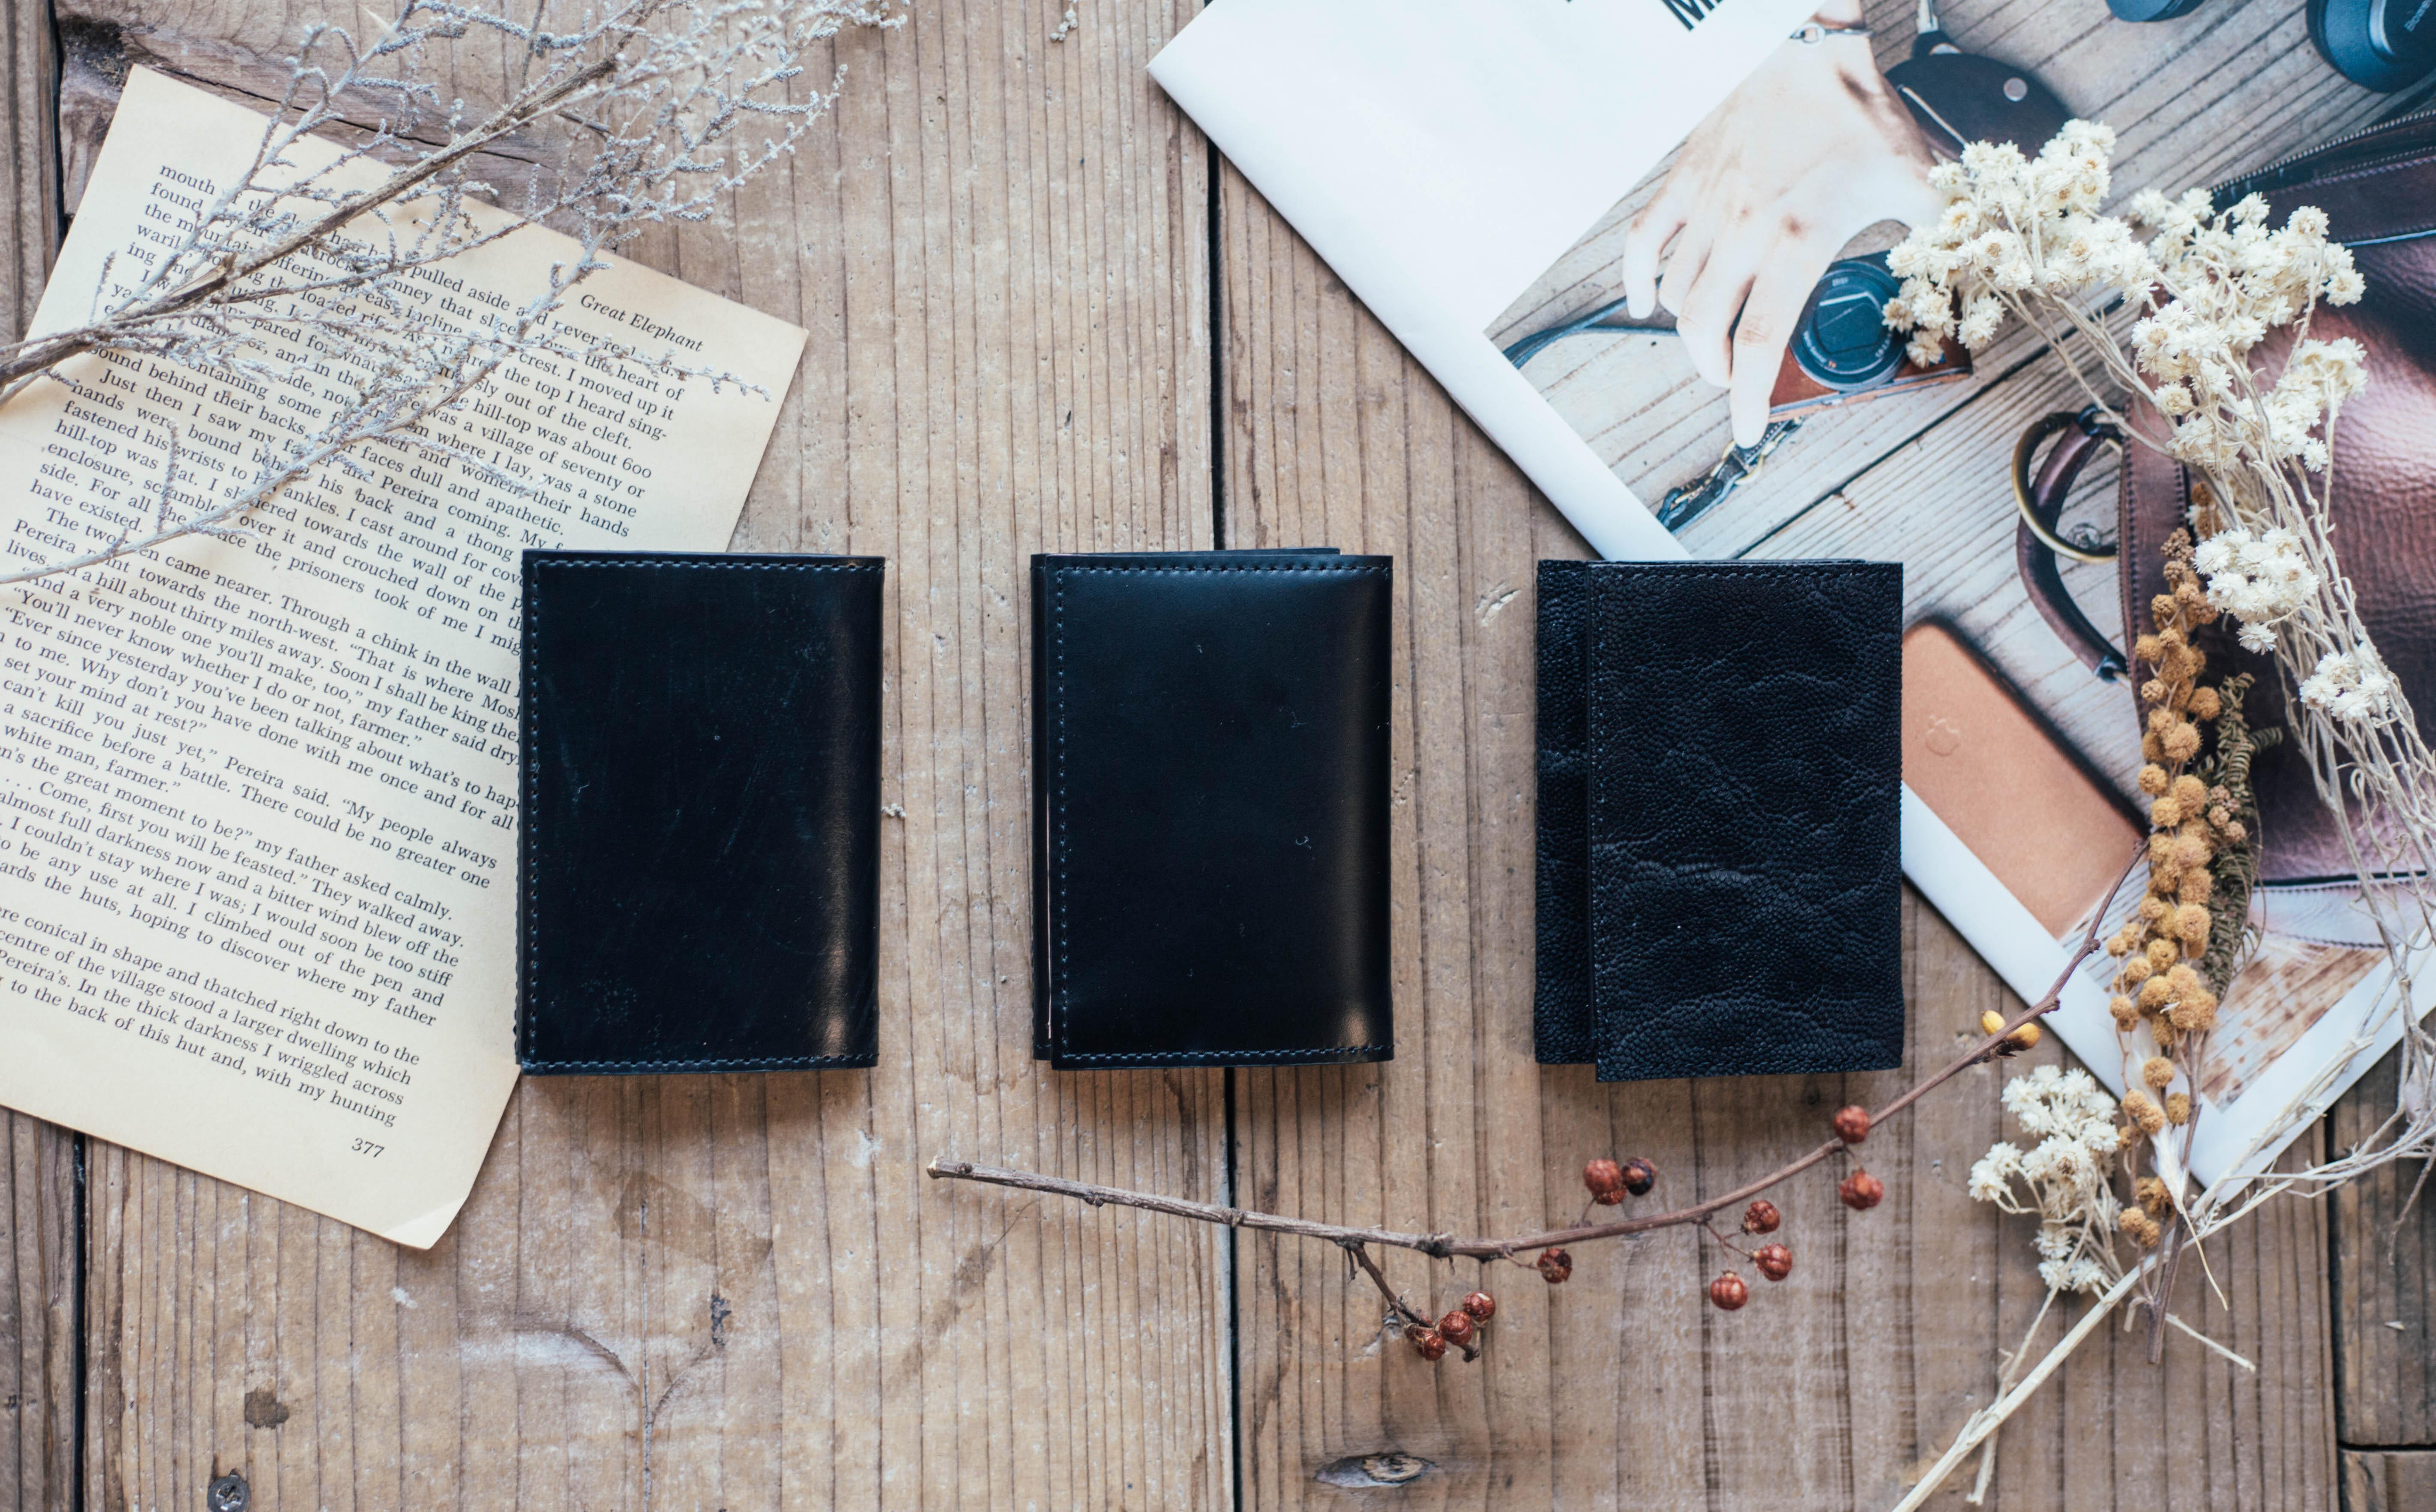 【ブライドル】キャッシュレス時代の理想の財布「PRESSo Noir」